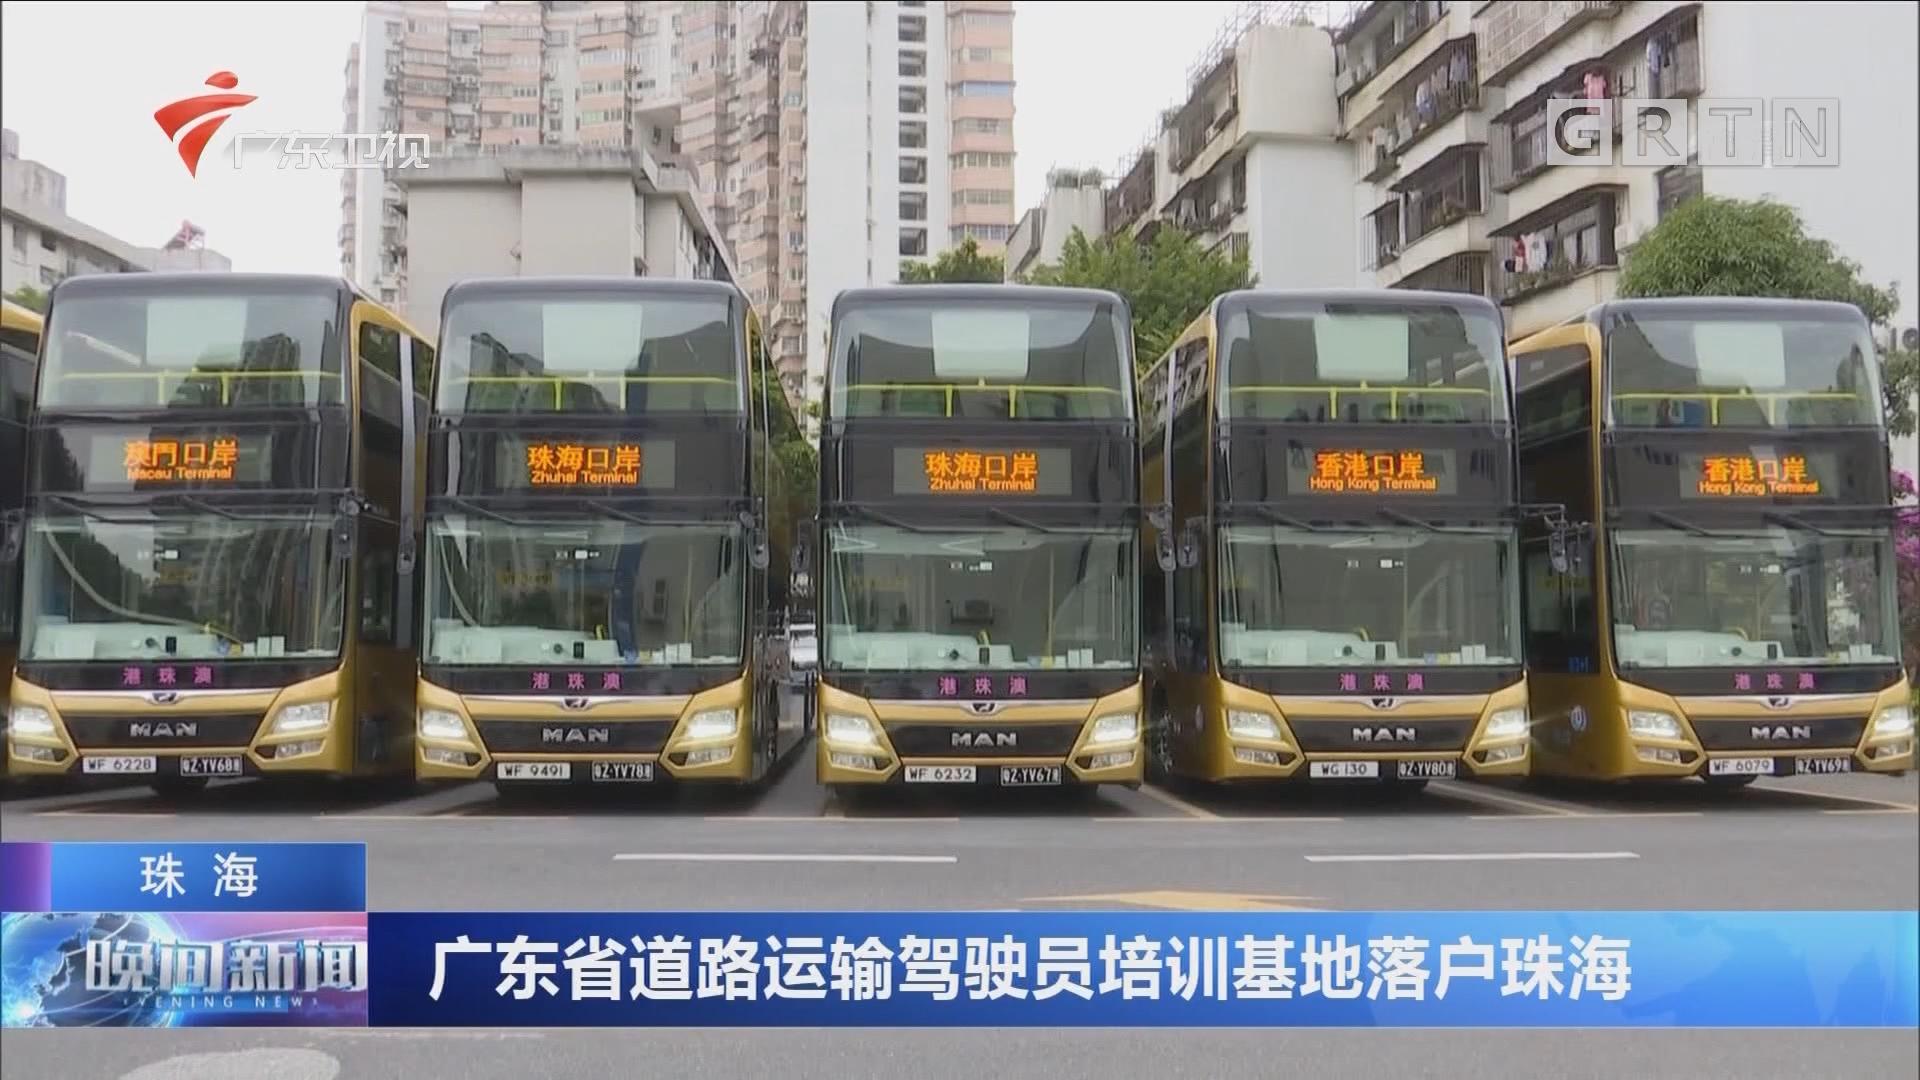 珠海:广东省道路运输驾驶员培训基地落户珠海